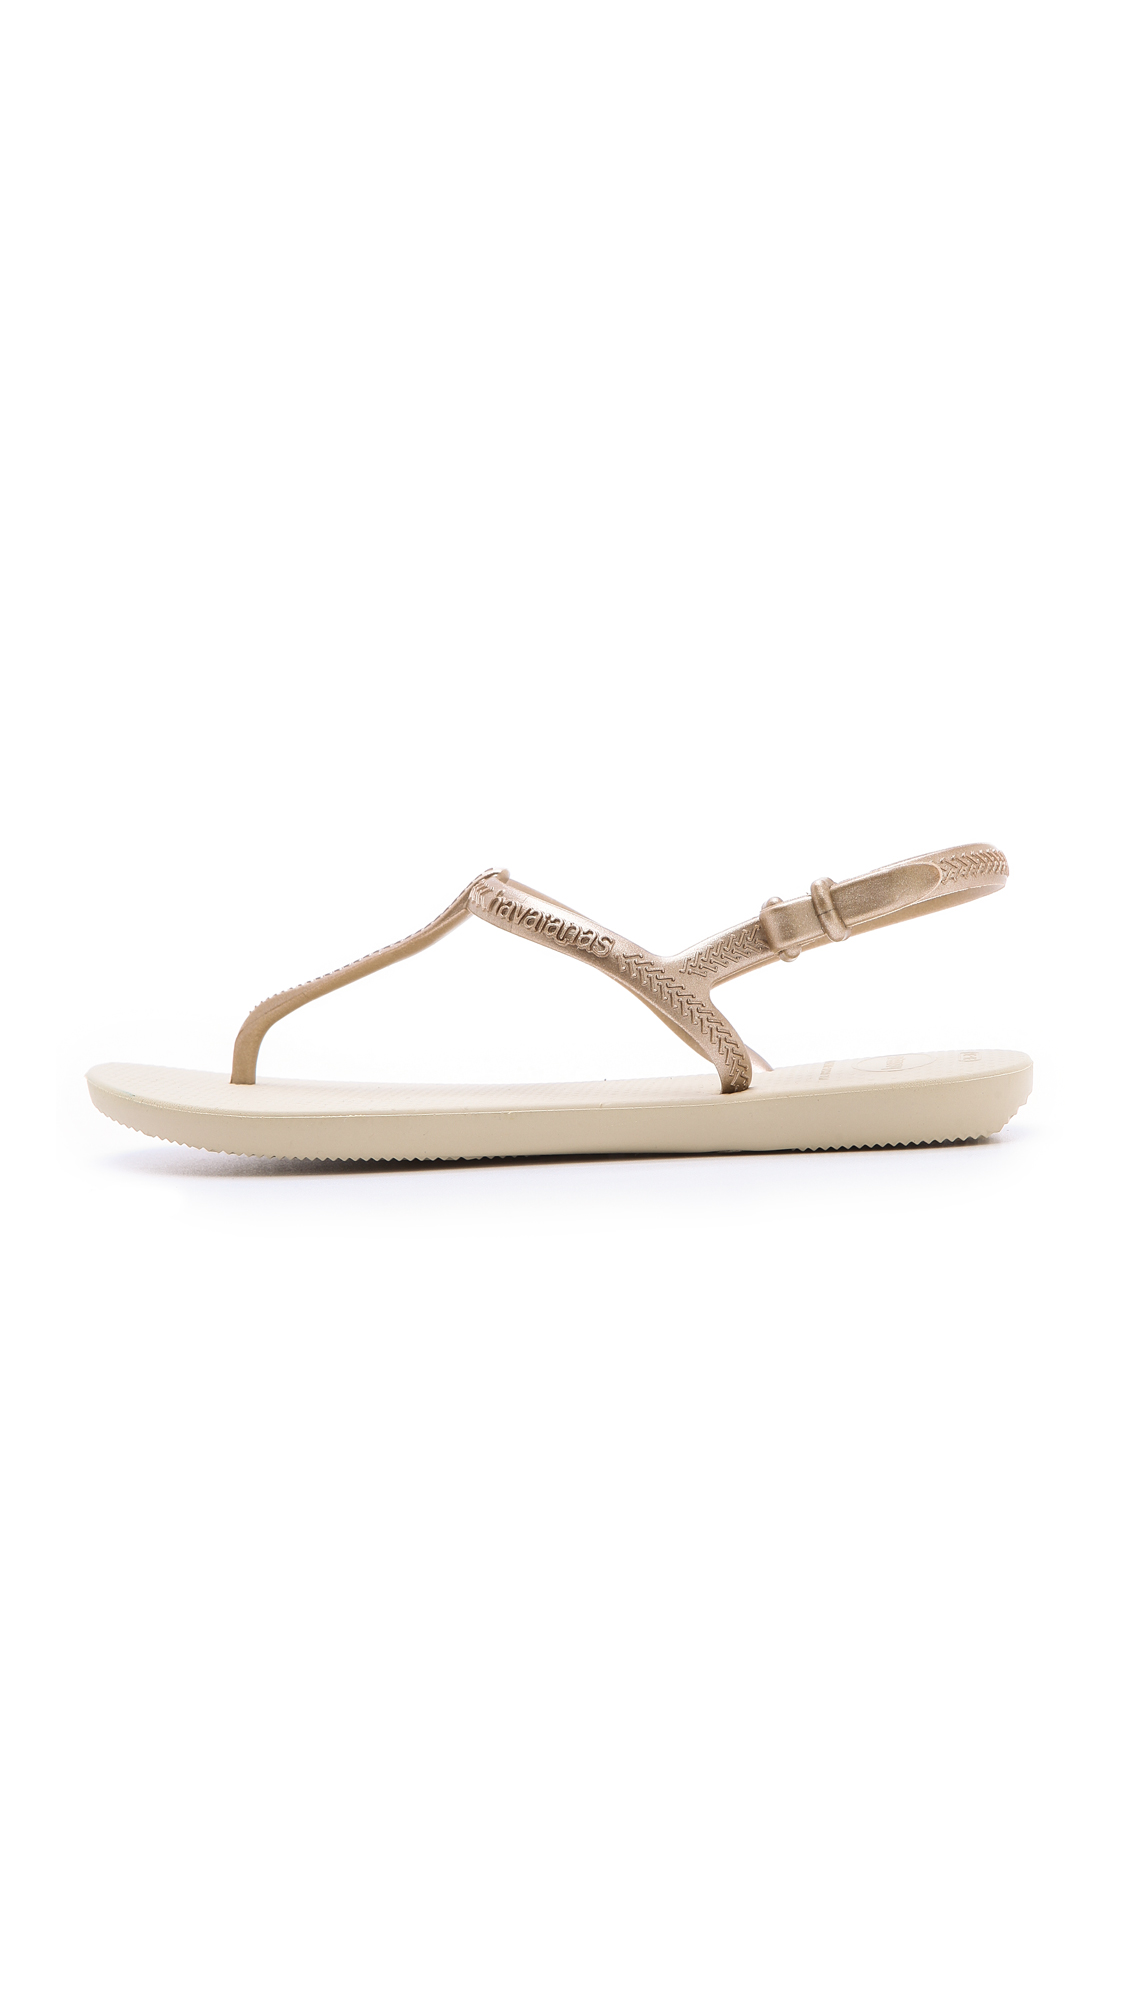 b00808e8171e26 Havaianas Freedom T Strap Sandals